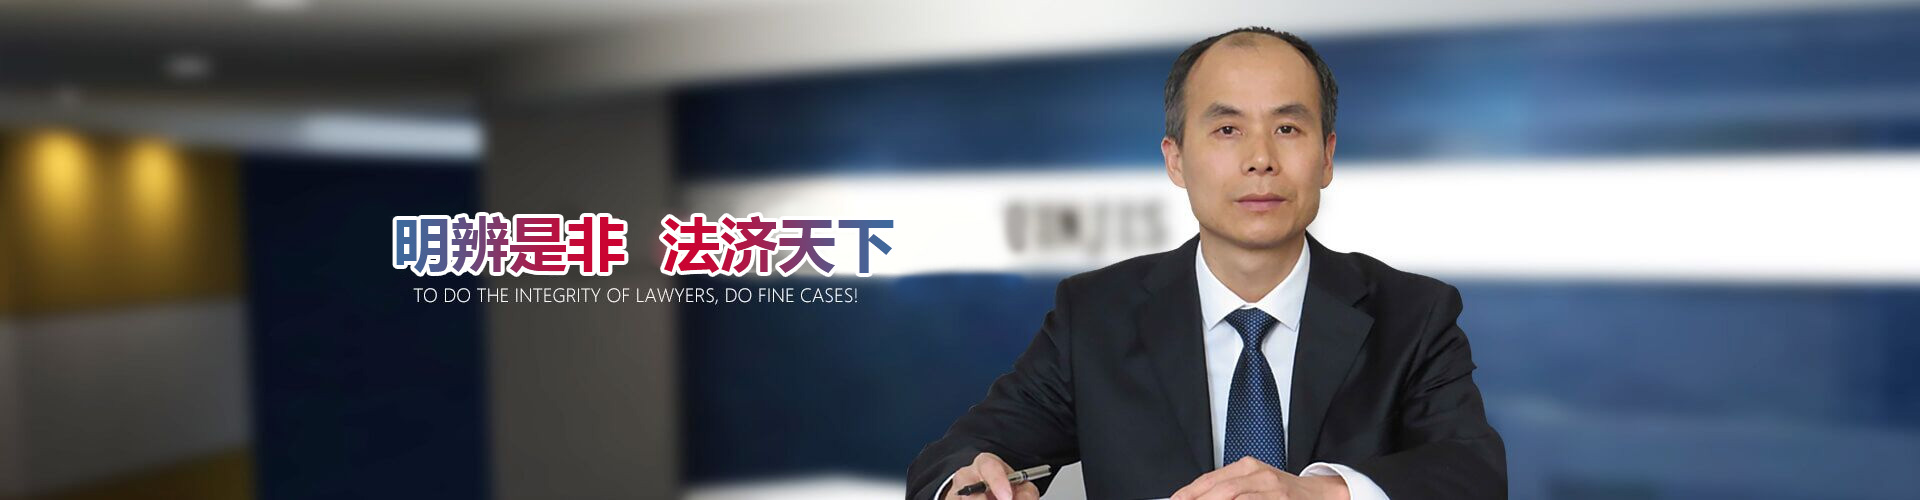 广东陈维崧律师